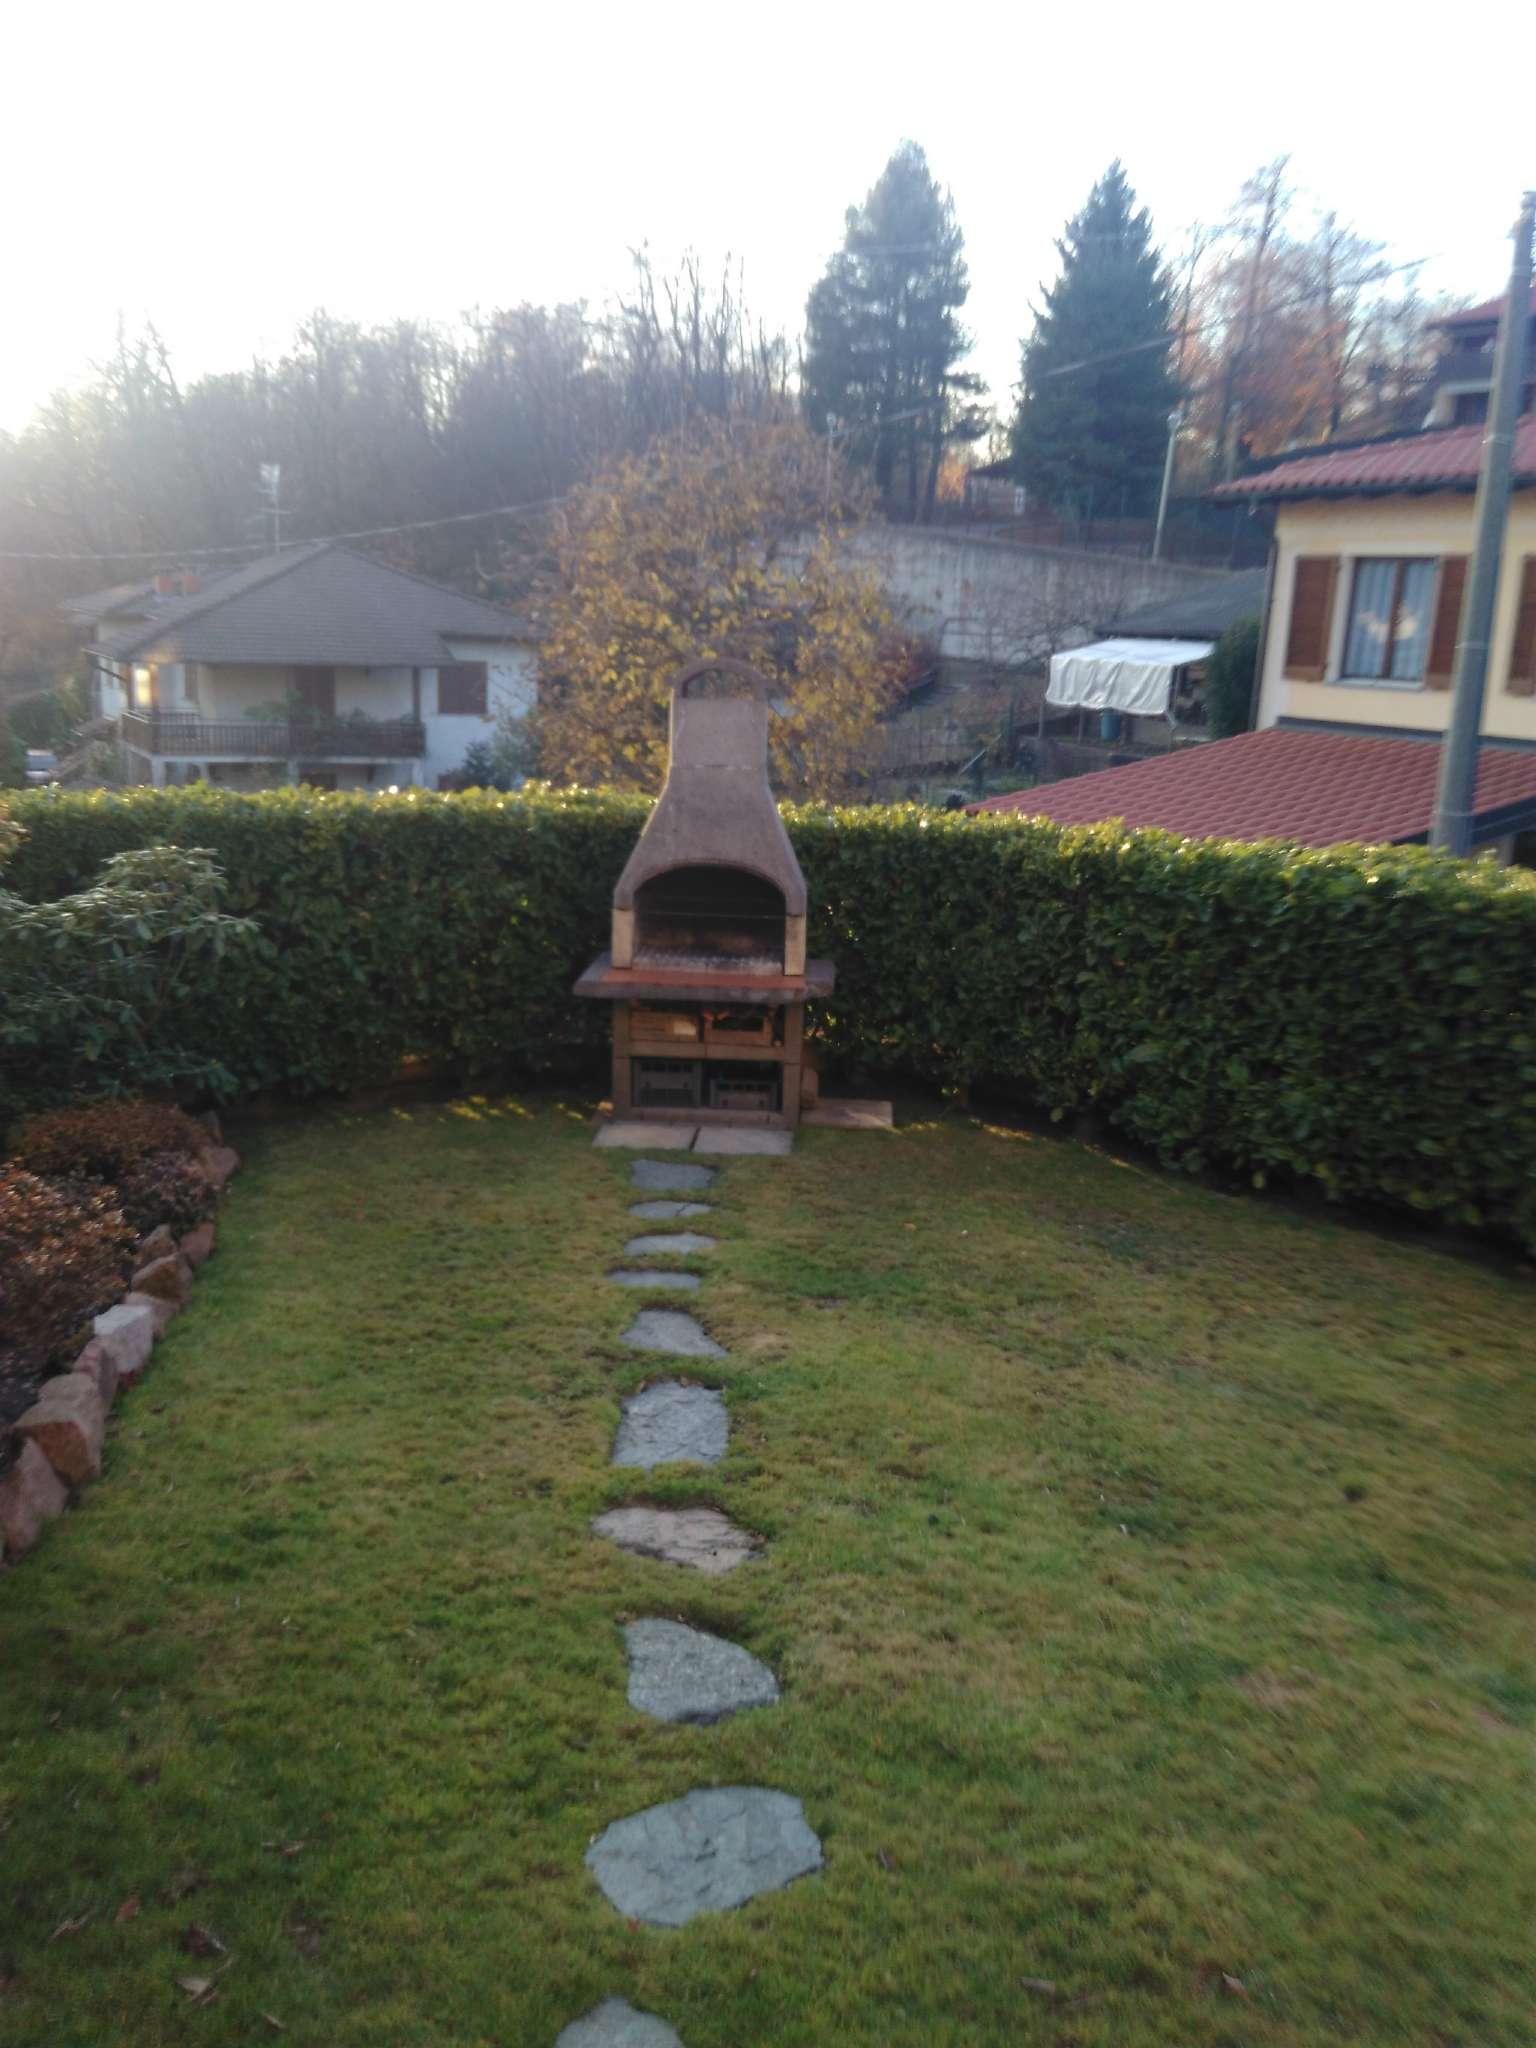 Villa a Schiera in vendita a Marchirolo, 3 locali, prezzo € 235.000 | CambioCasa.it